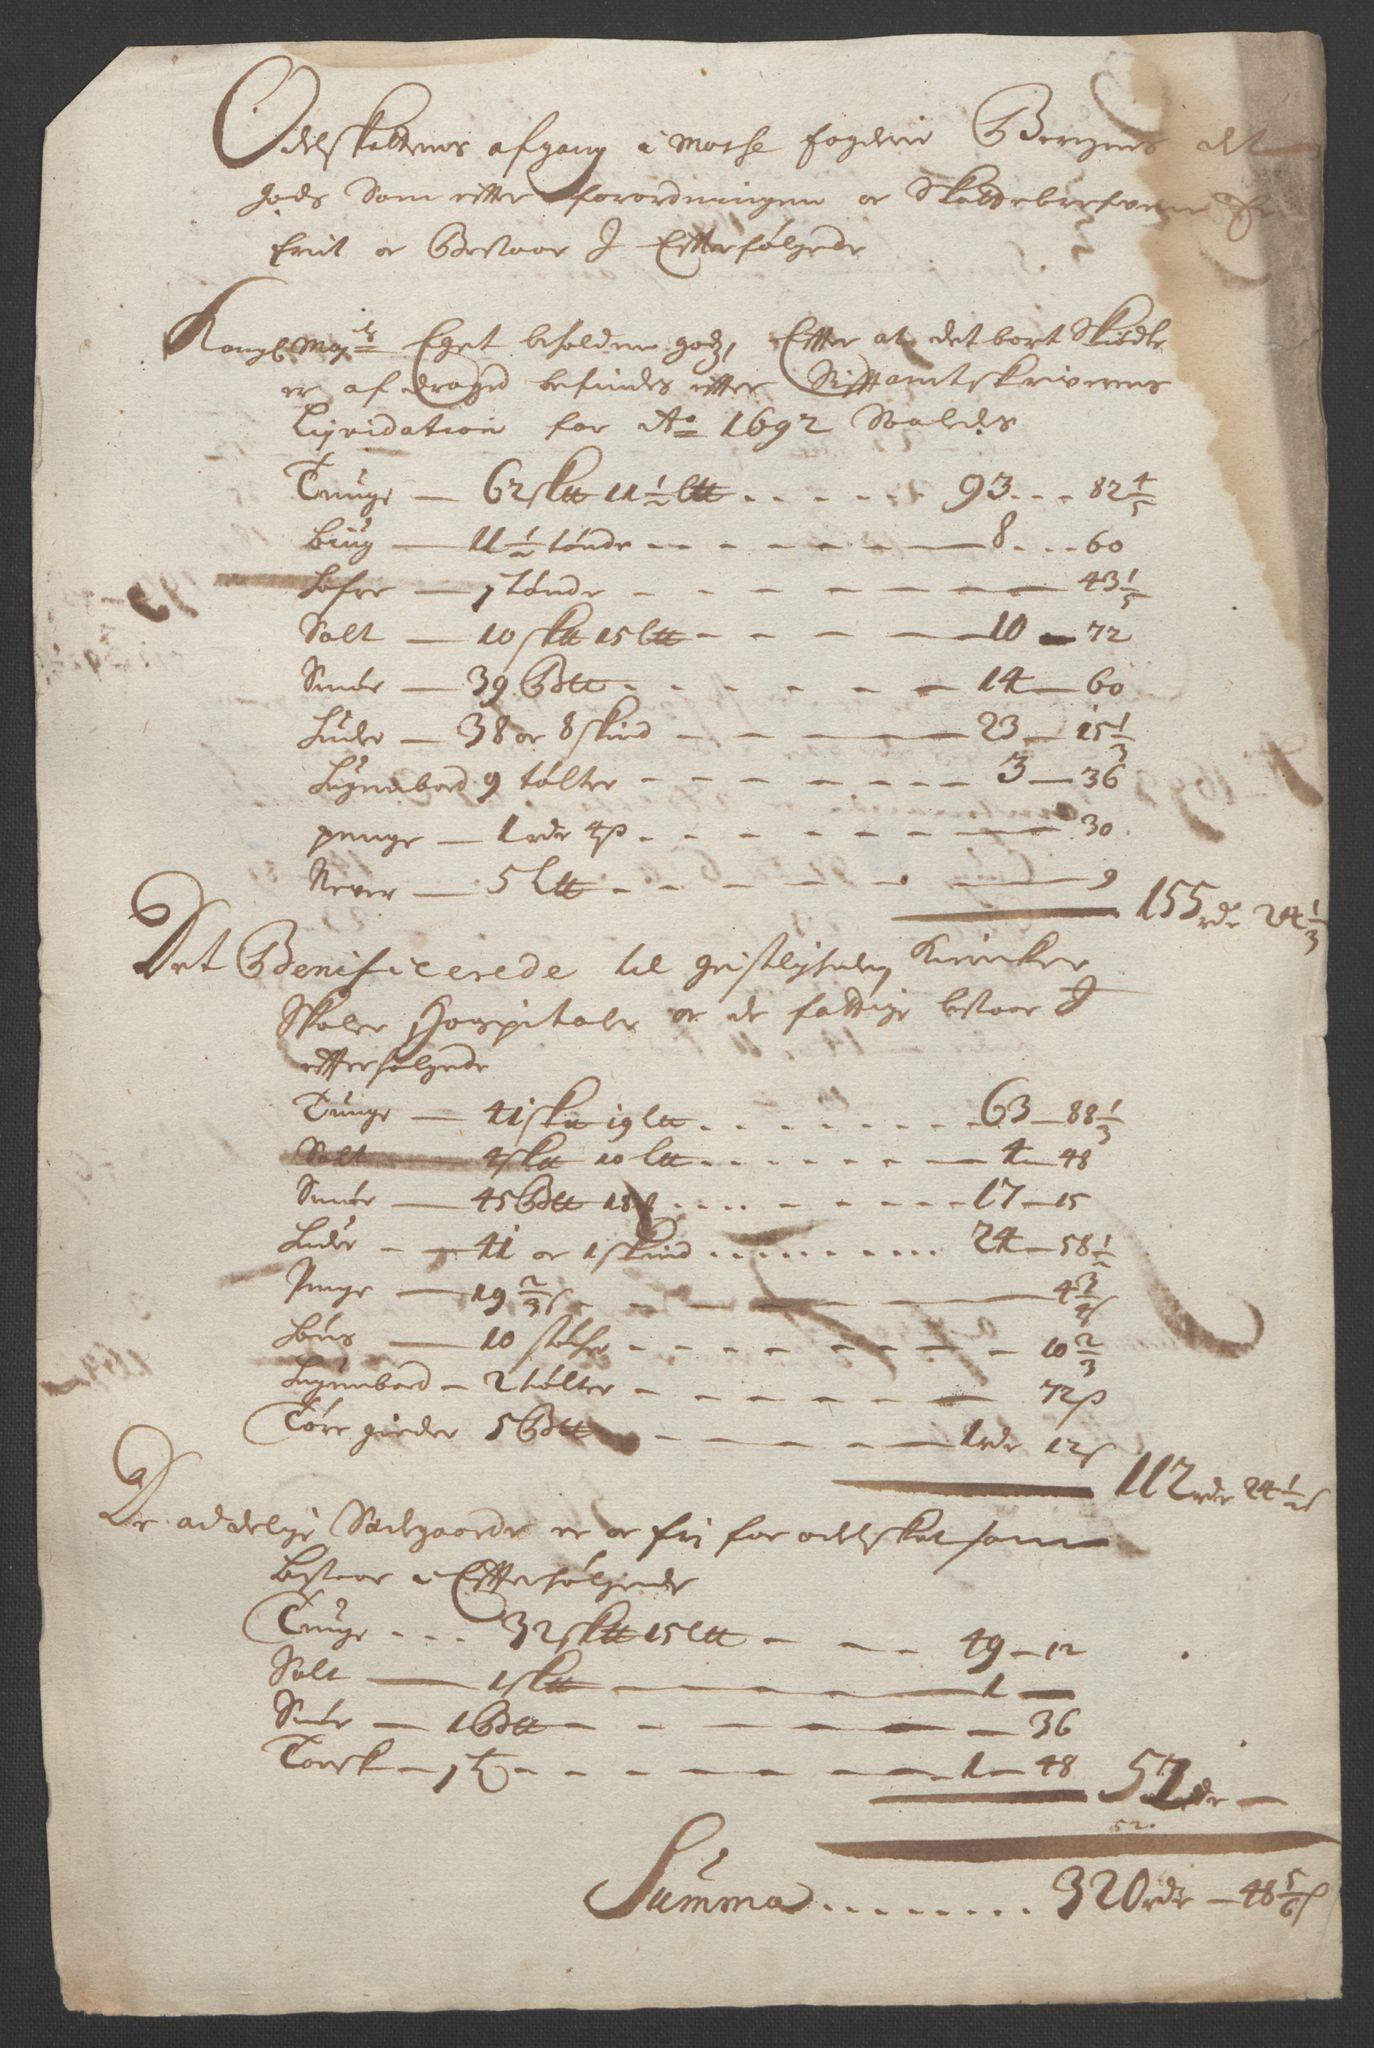 RA, Rentekammeret inntil 1814, Reviderte regnskaper, Fogderegnskap, R02/L0108: Fogderegnskap Moss og Verne kloster, 1692-1693, s. 103